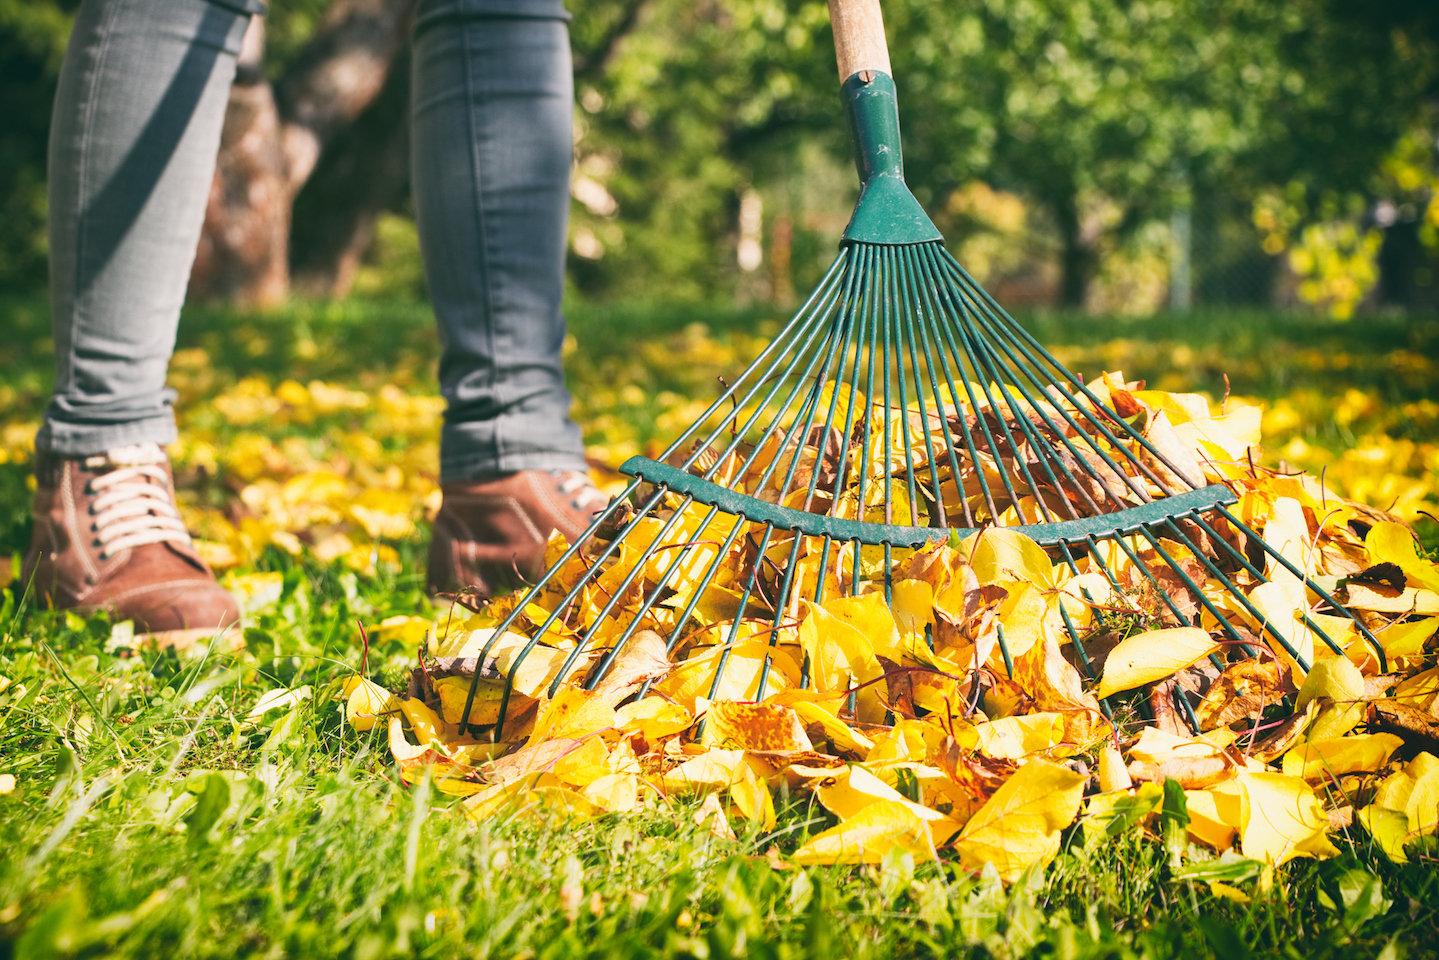 rake up